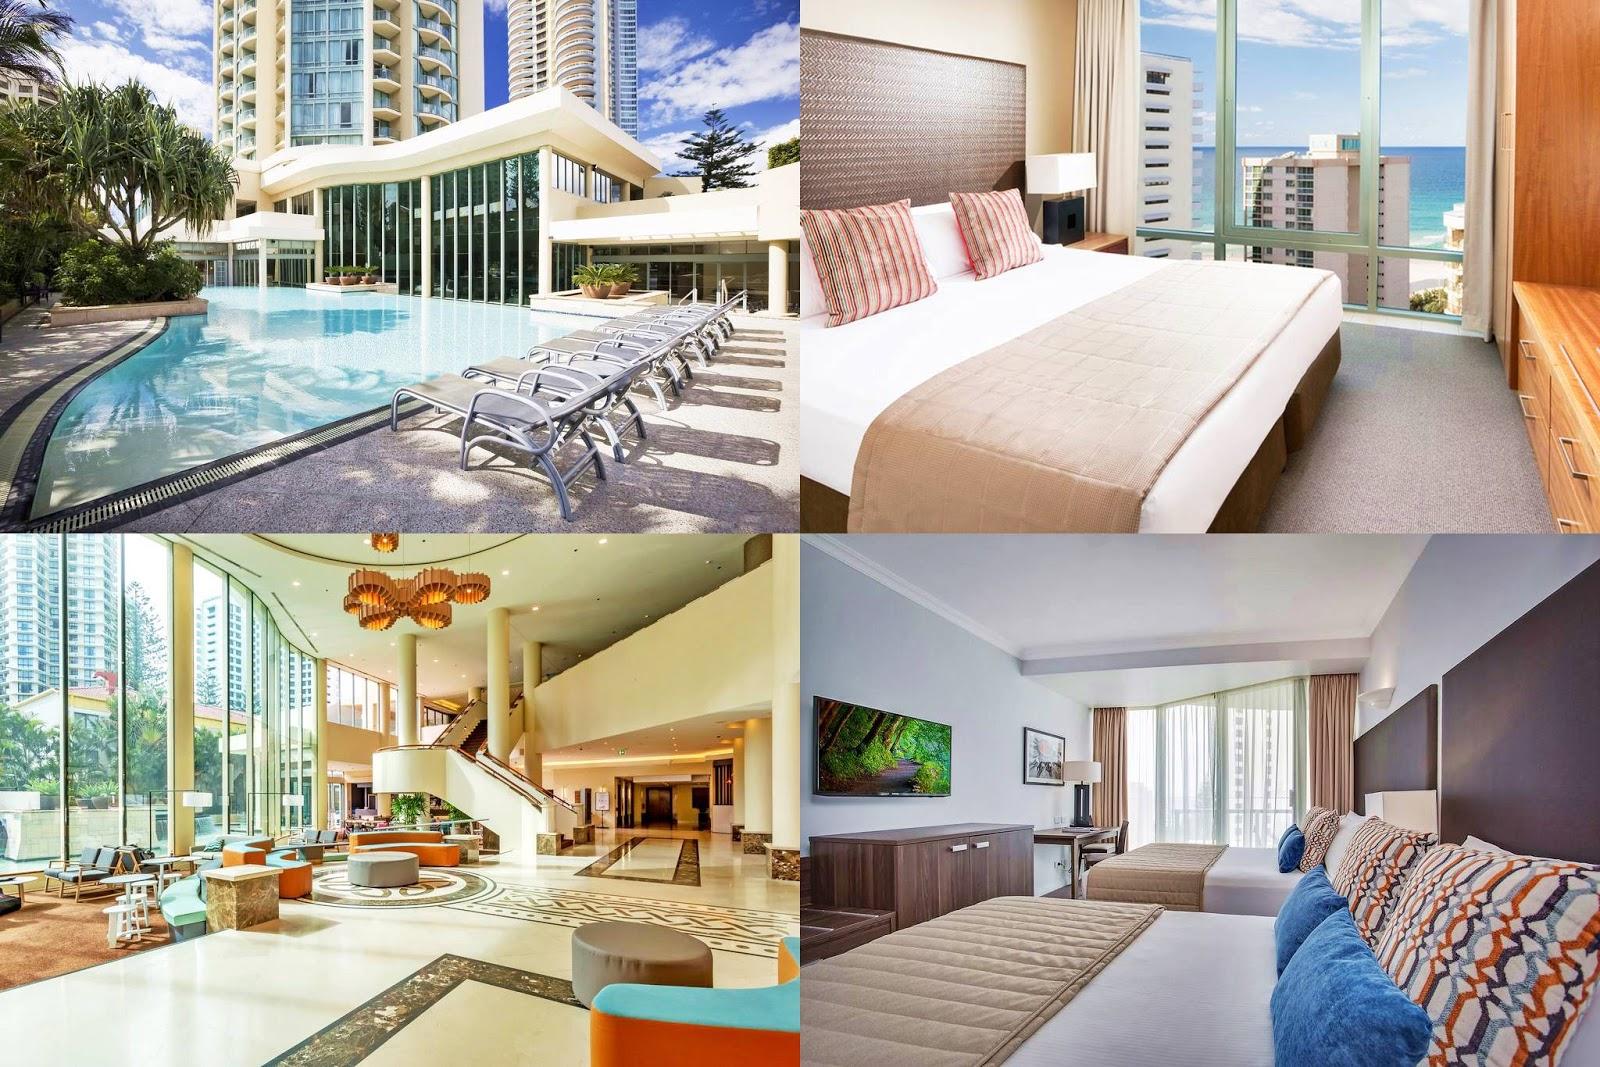 黃金海岸-住宿-推薦-飯店-酒店-旅館-民宿-公寓-曼特拉傳奇酒店-Mantra-Legends-旅遊-澳洲-Gold-Coast-Hotel-Apartment-Australia